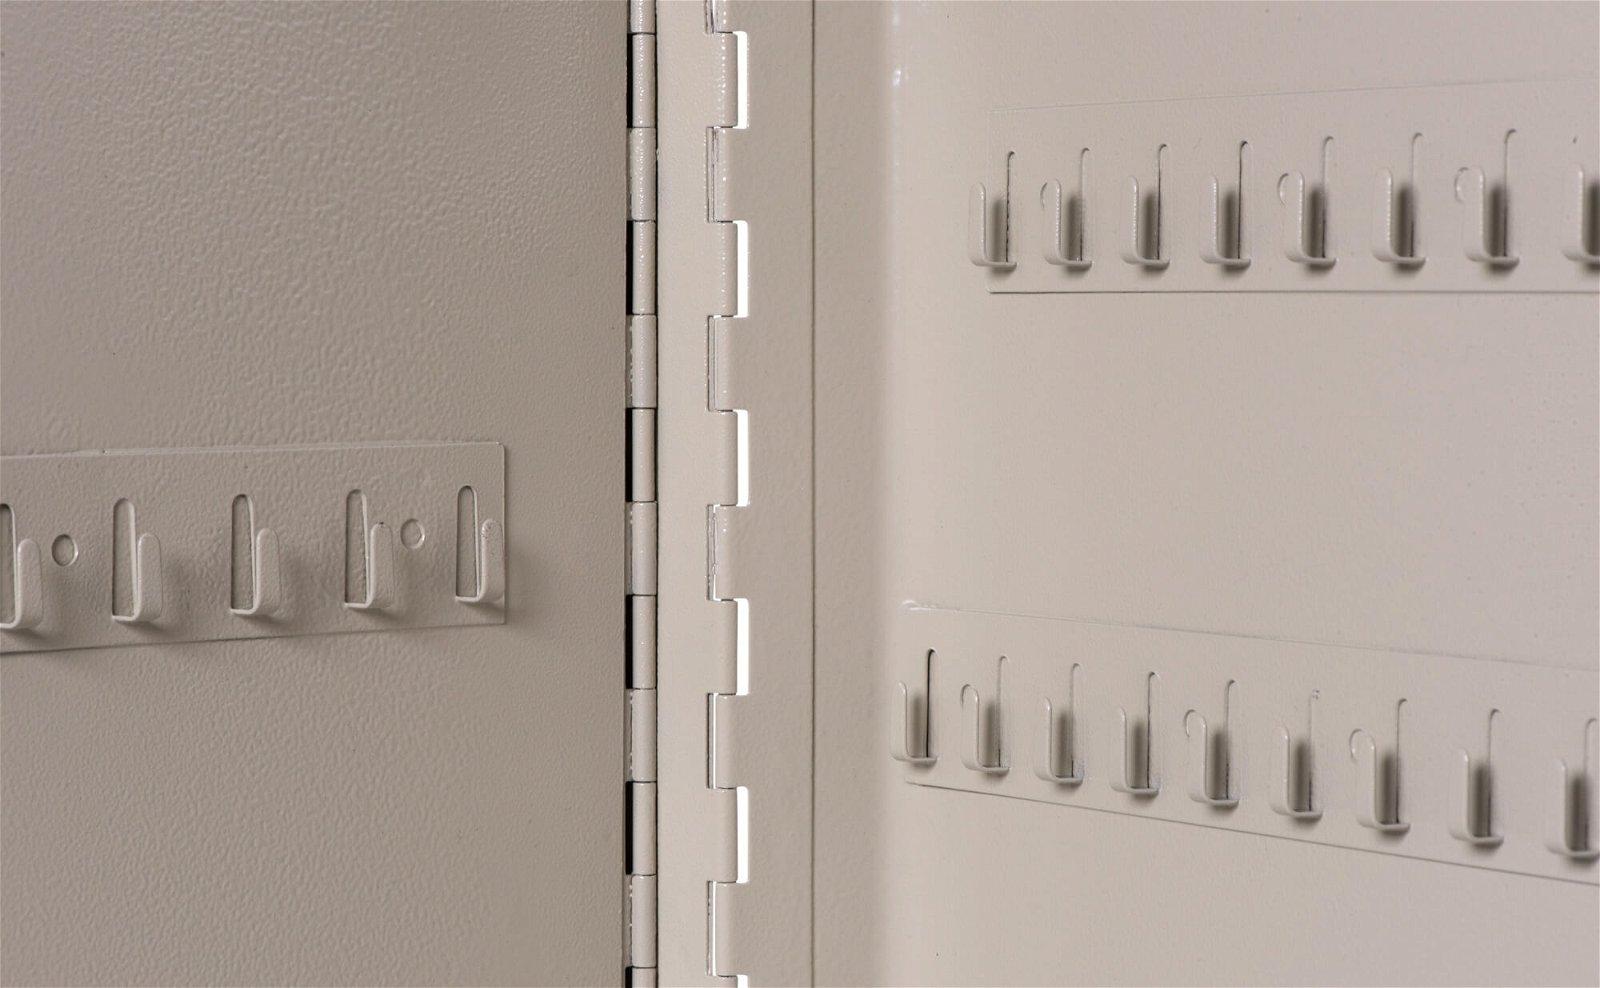 Schlüsselkasten für 140 Schlüssel, grau